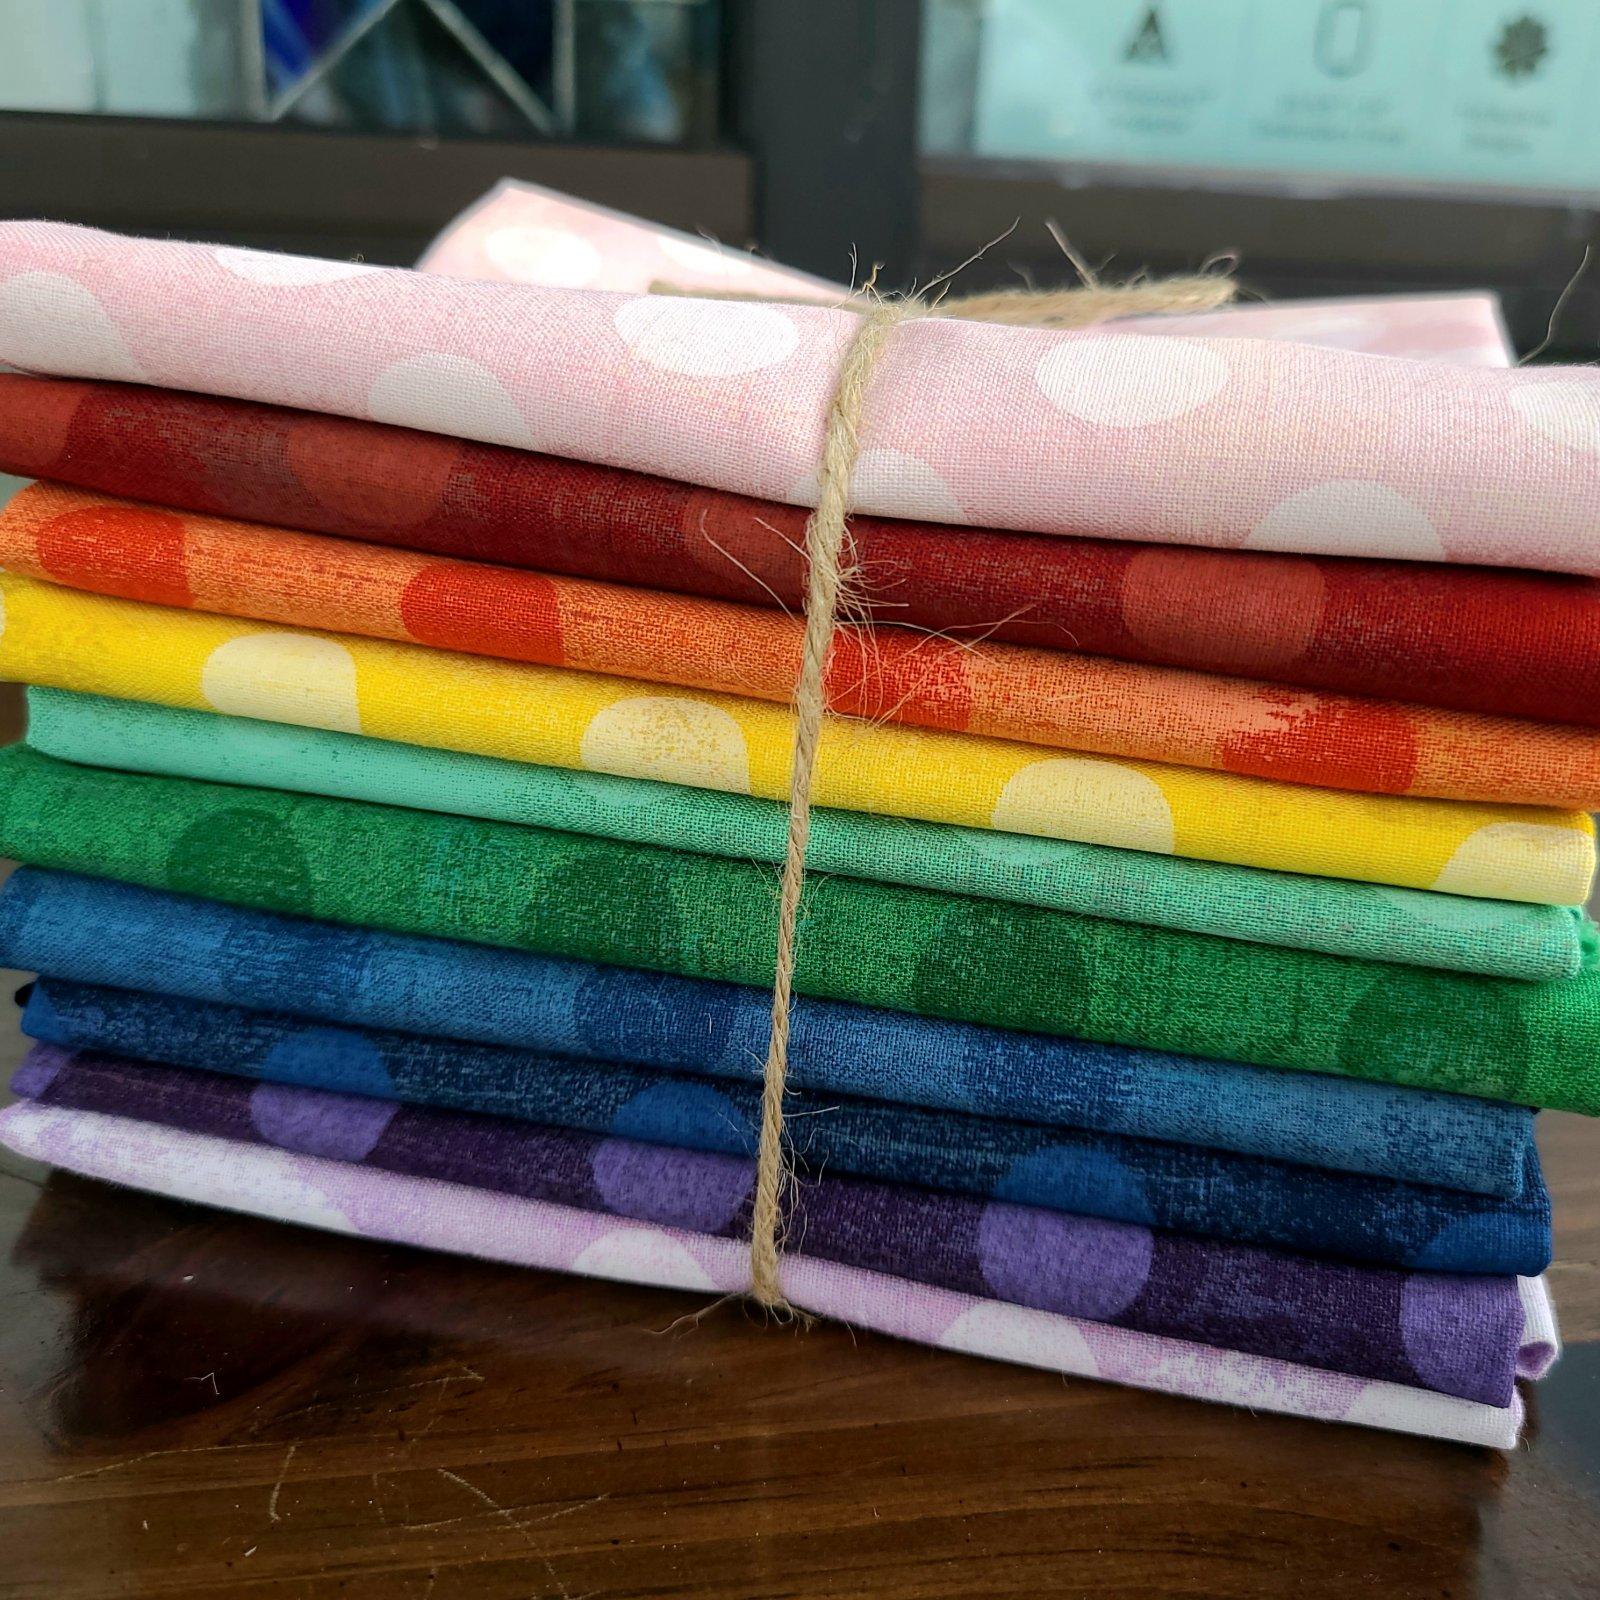 Moda - Grunge Bundle (10) 1/2 yd cuts Polka Dot Rainbow